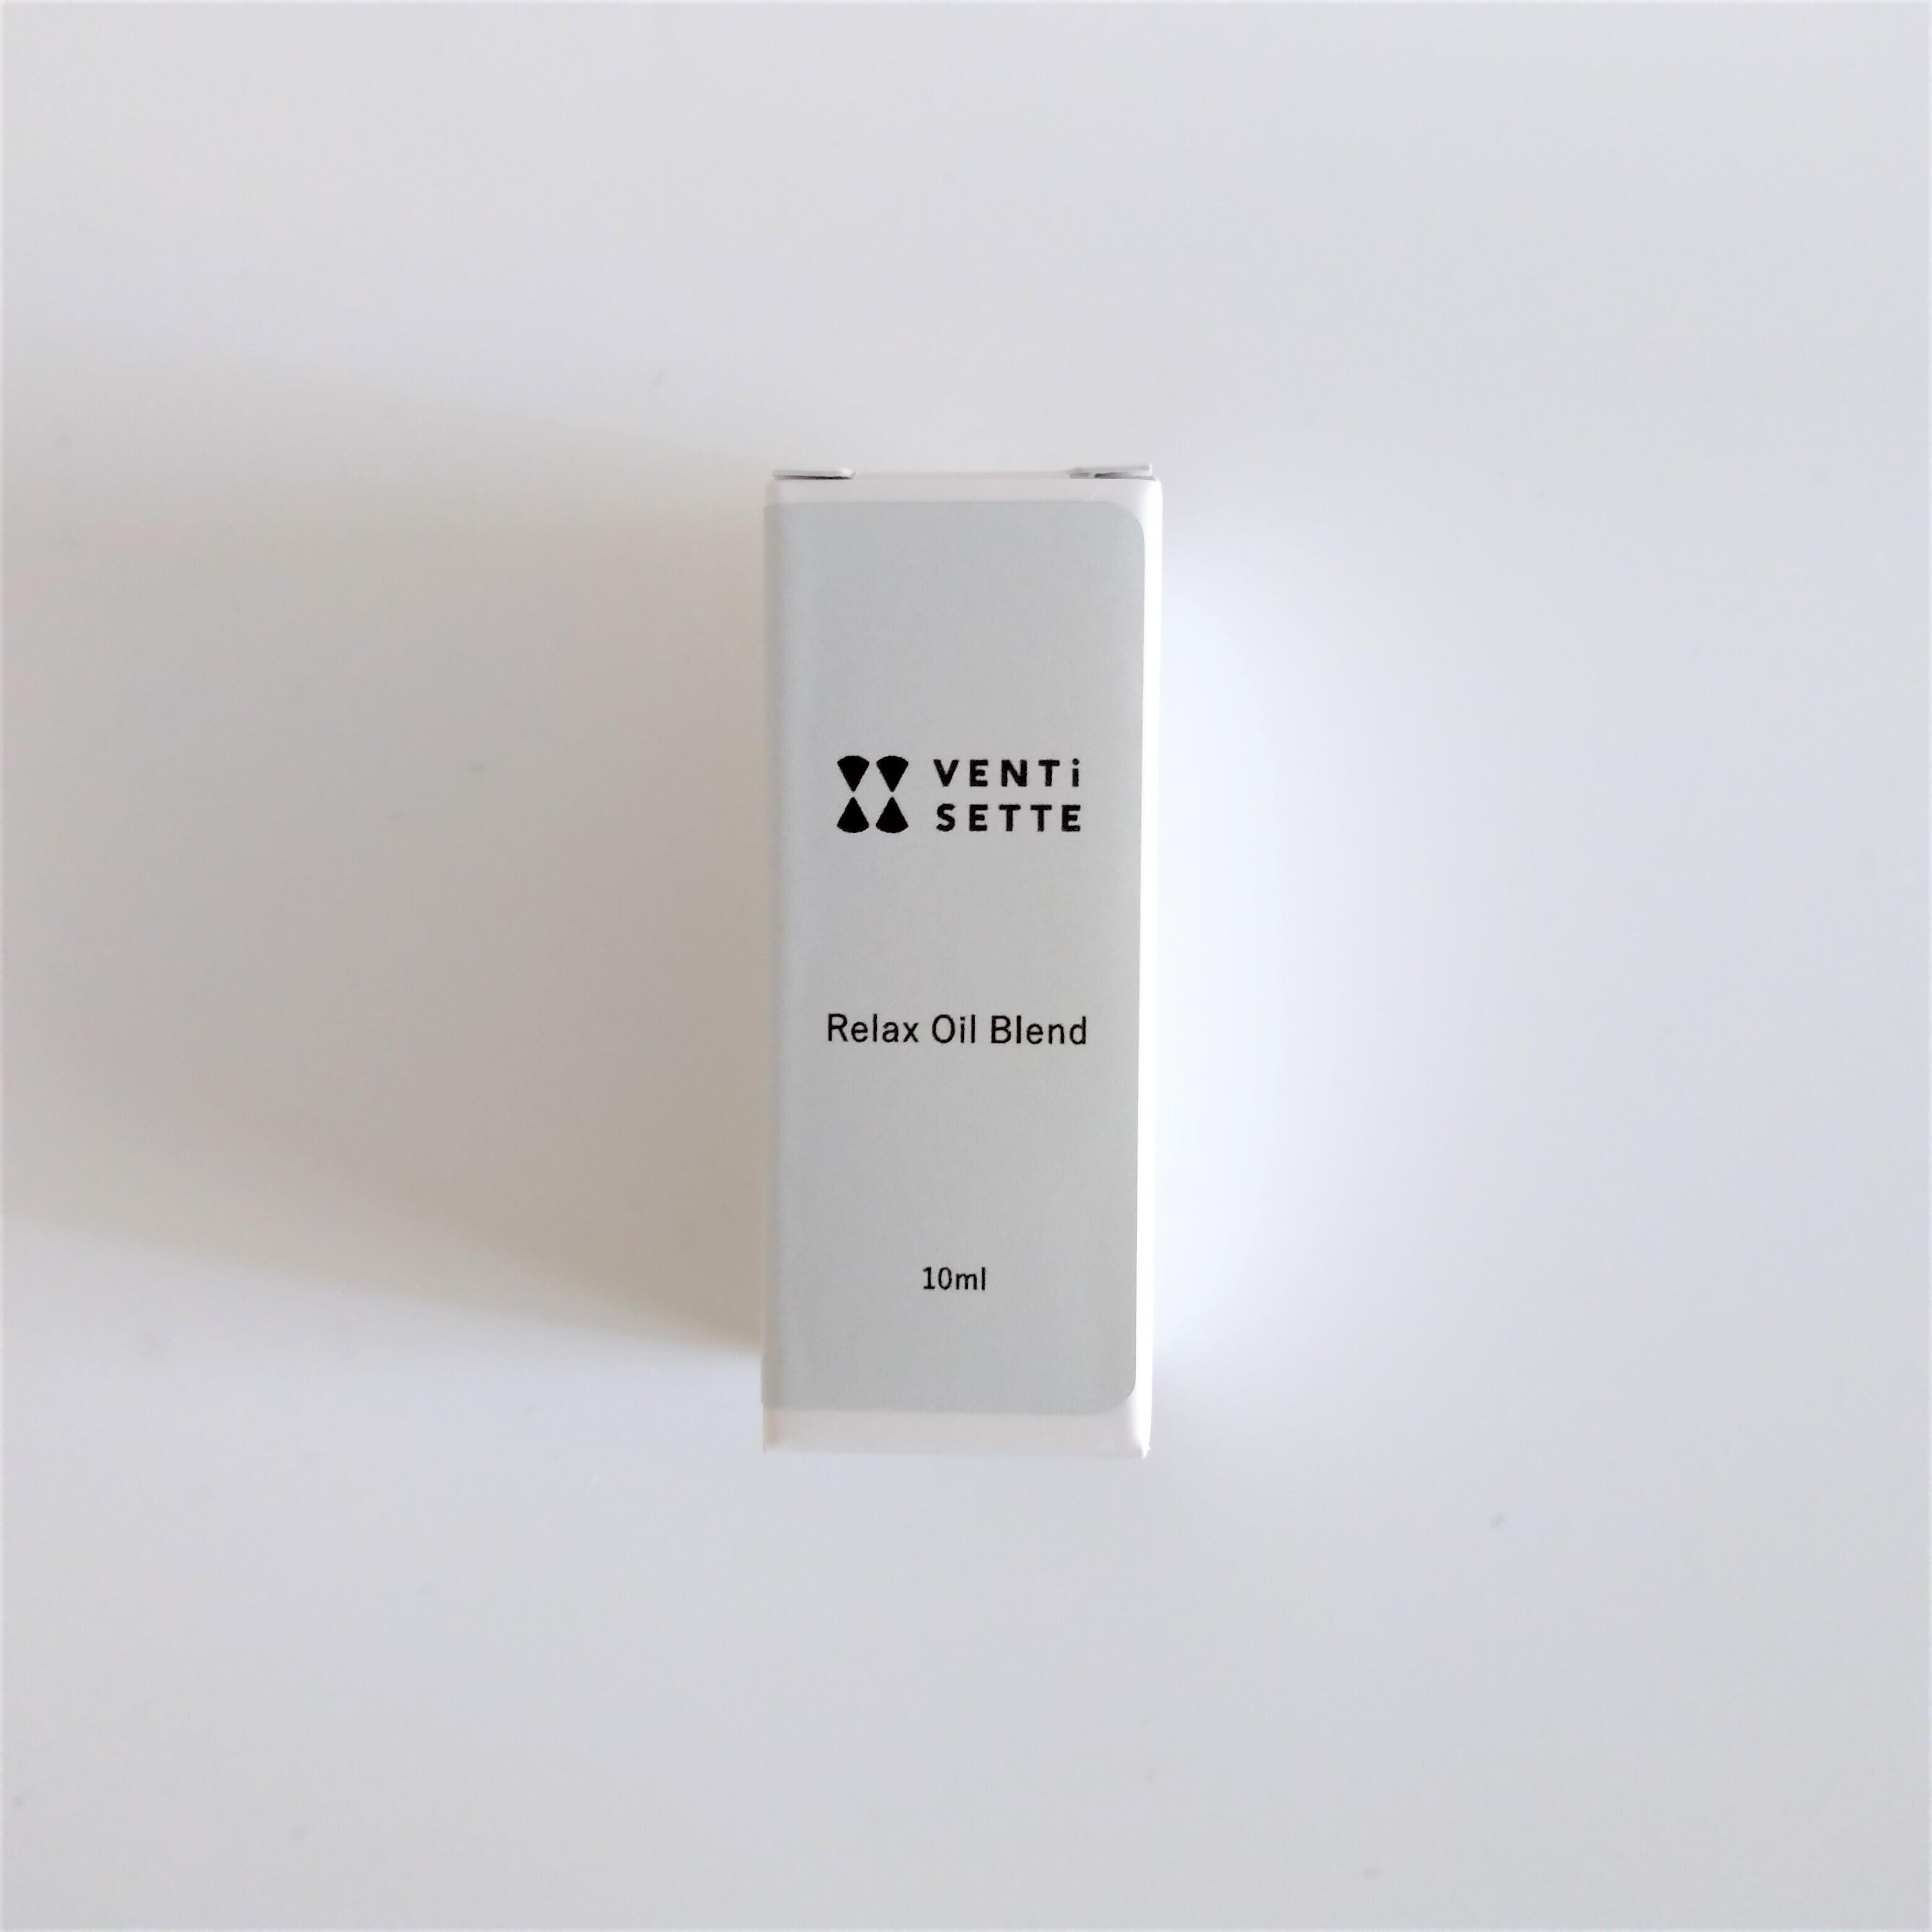 Kutsurogi(クツロギ) ブレンドエッセンシャルオイル 10ml